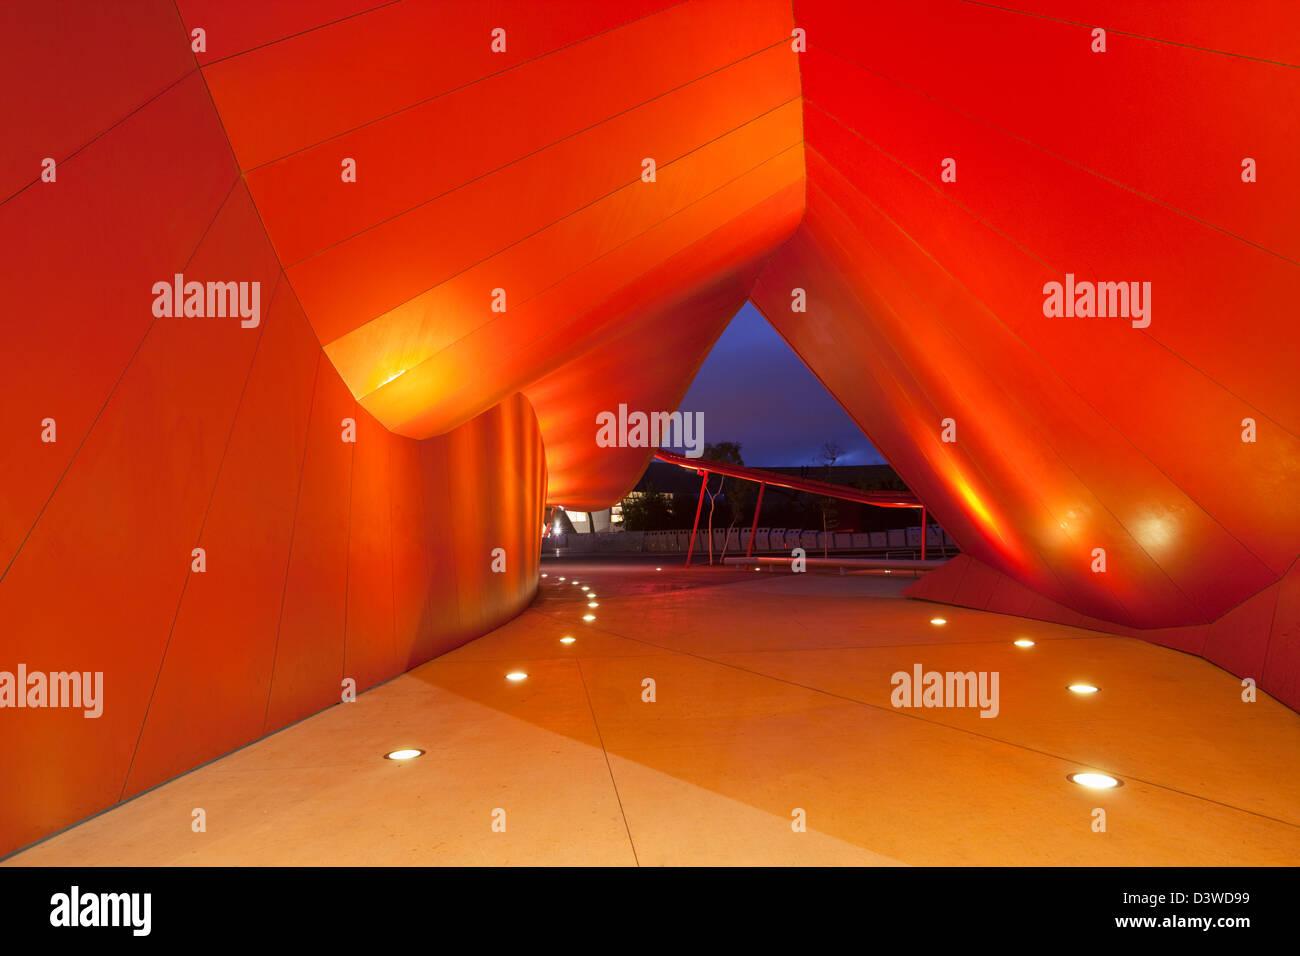 Architettura di entrata al Museo Nazionale dell'Australia. Canberra, Australian Capital Territory (ACT), Australia Immagini Stock